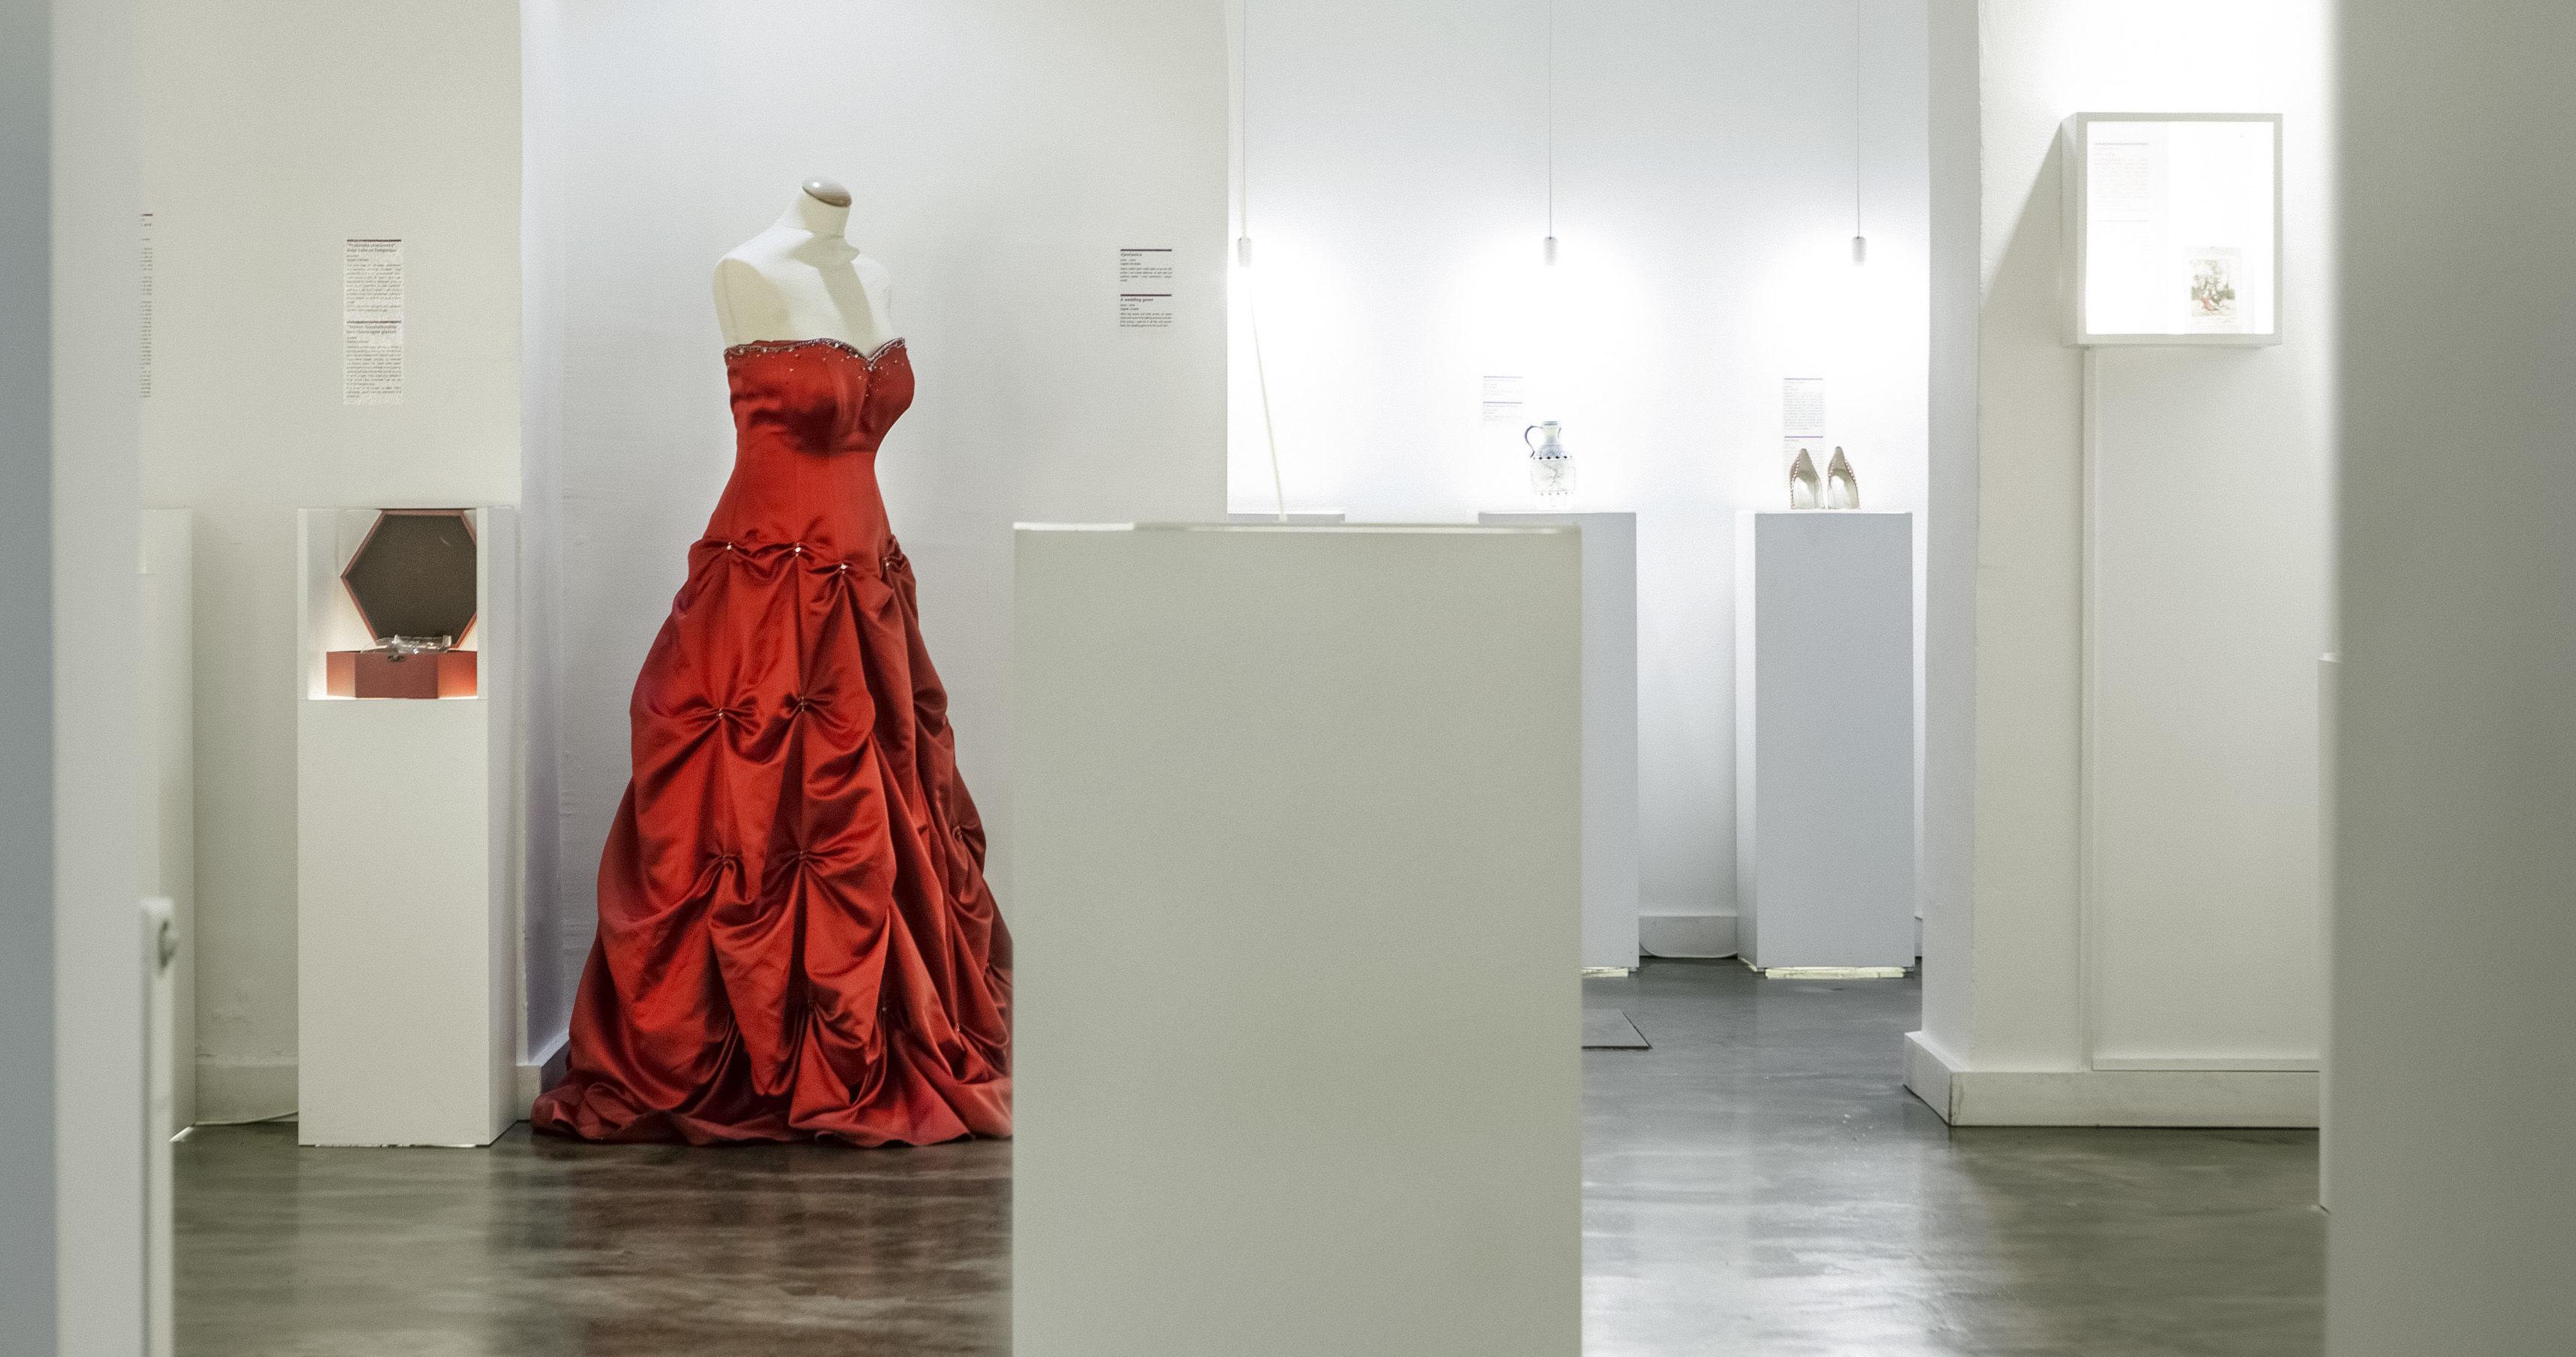 Im Museum of Broken Relationships werden Erinnerungsstücke kommentiert gezeigt. Foto: 2nd Zagreb display_by Mare Milin